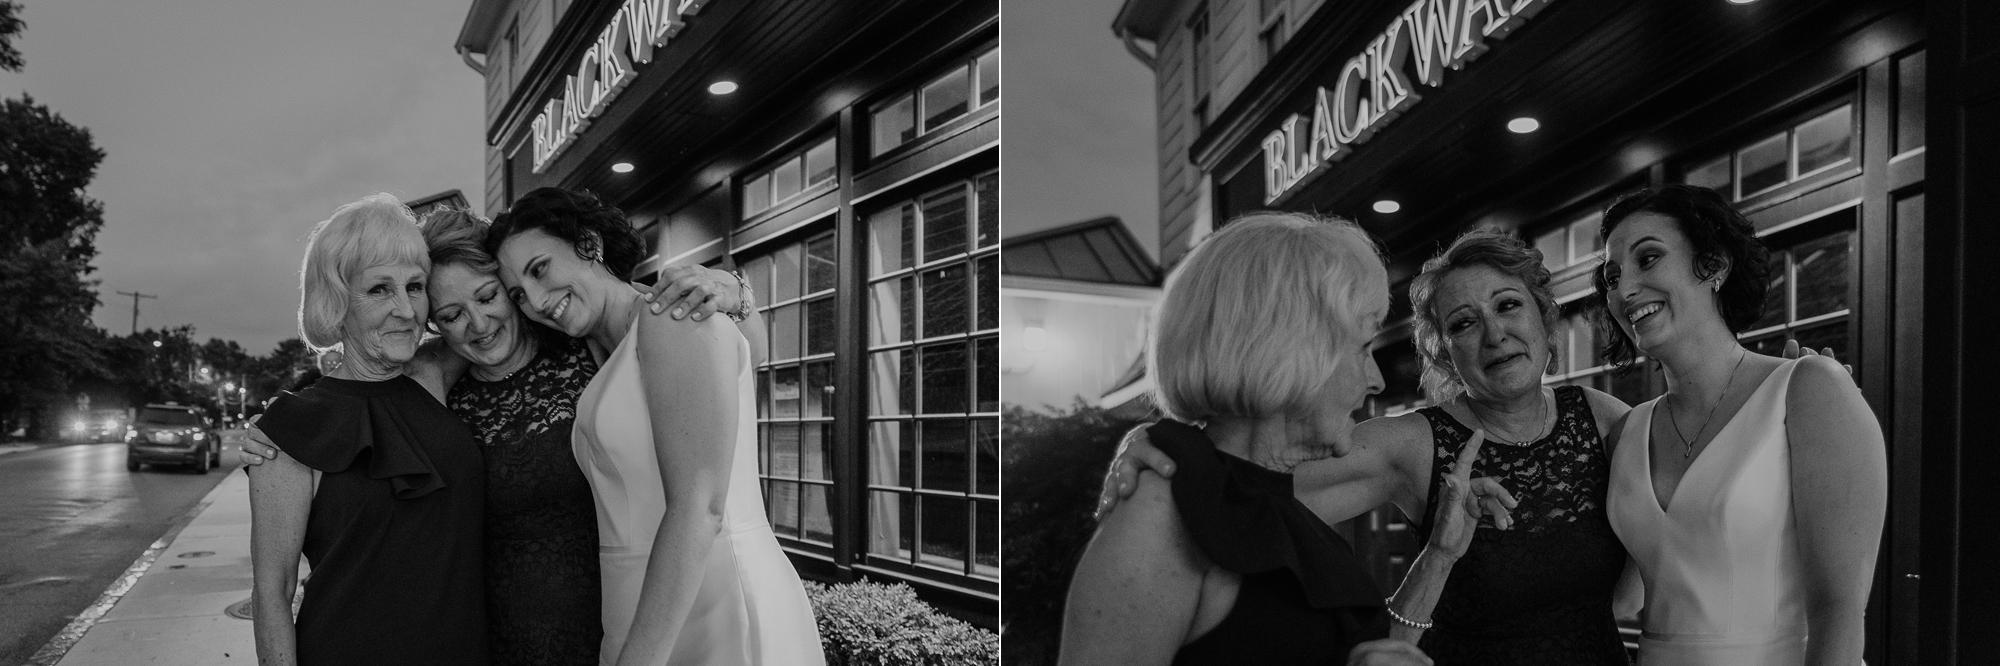 105-annapolis_courthouse_wedding.jpg